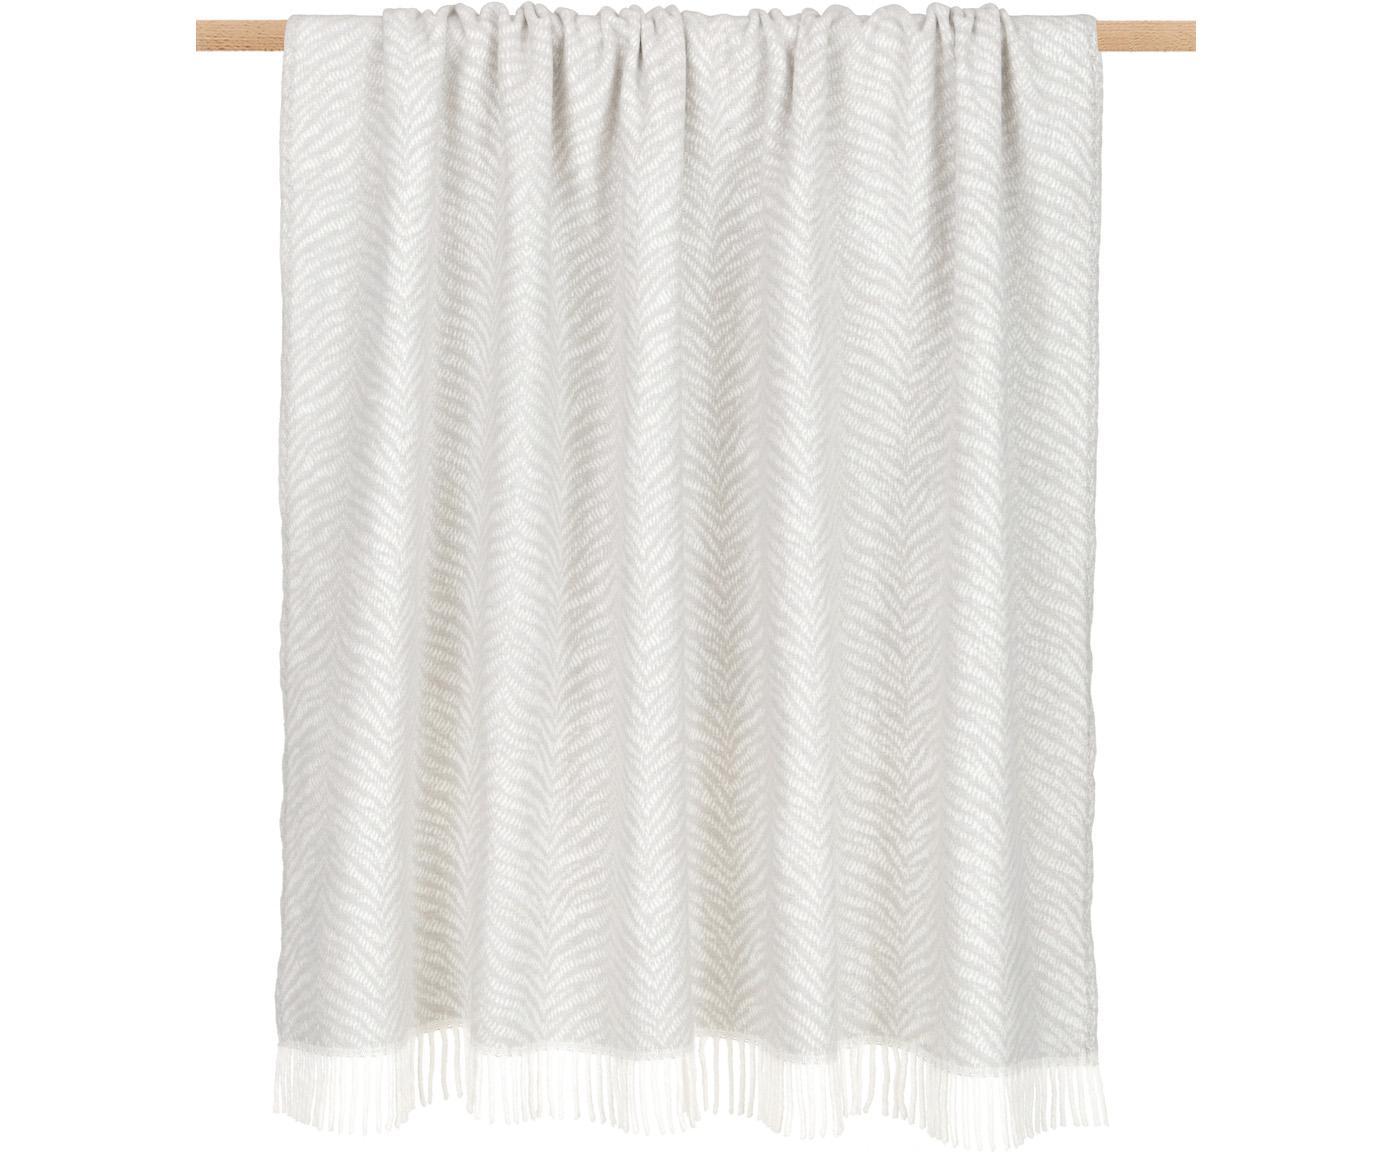 Plaid Greta mit Tiger-Muster, 50% Baumwolle, 50% Acryl, Hellgrau, Gebrochenes Weiß, 140 x 180 cm